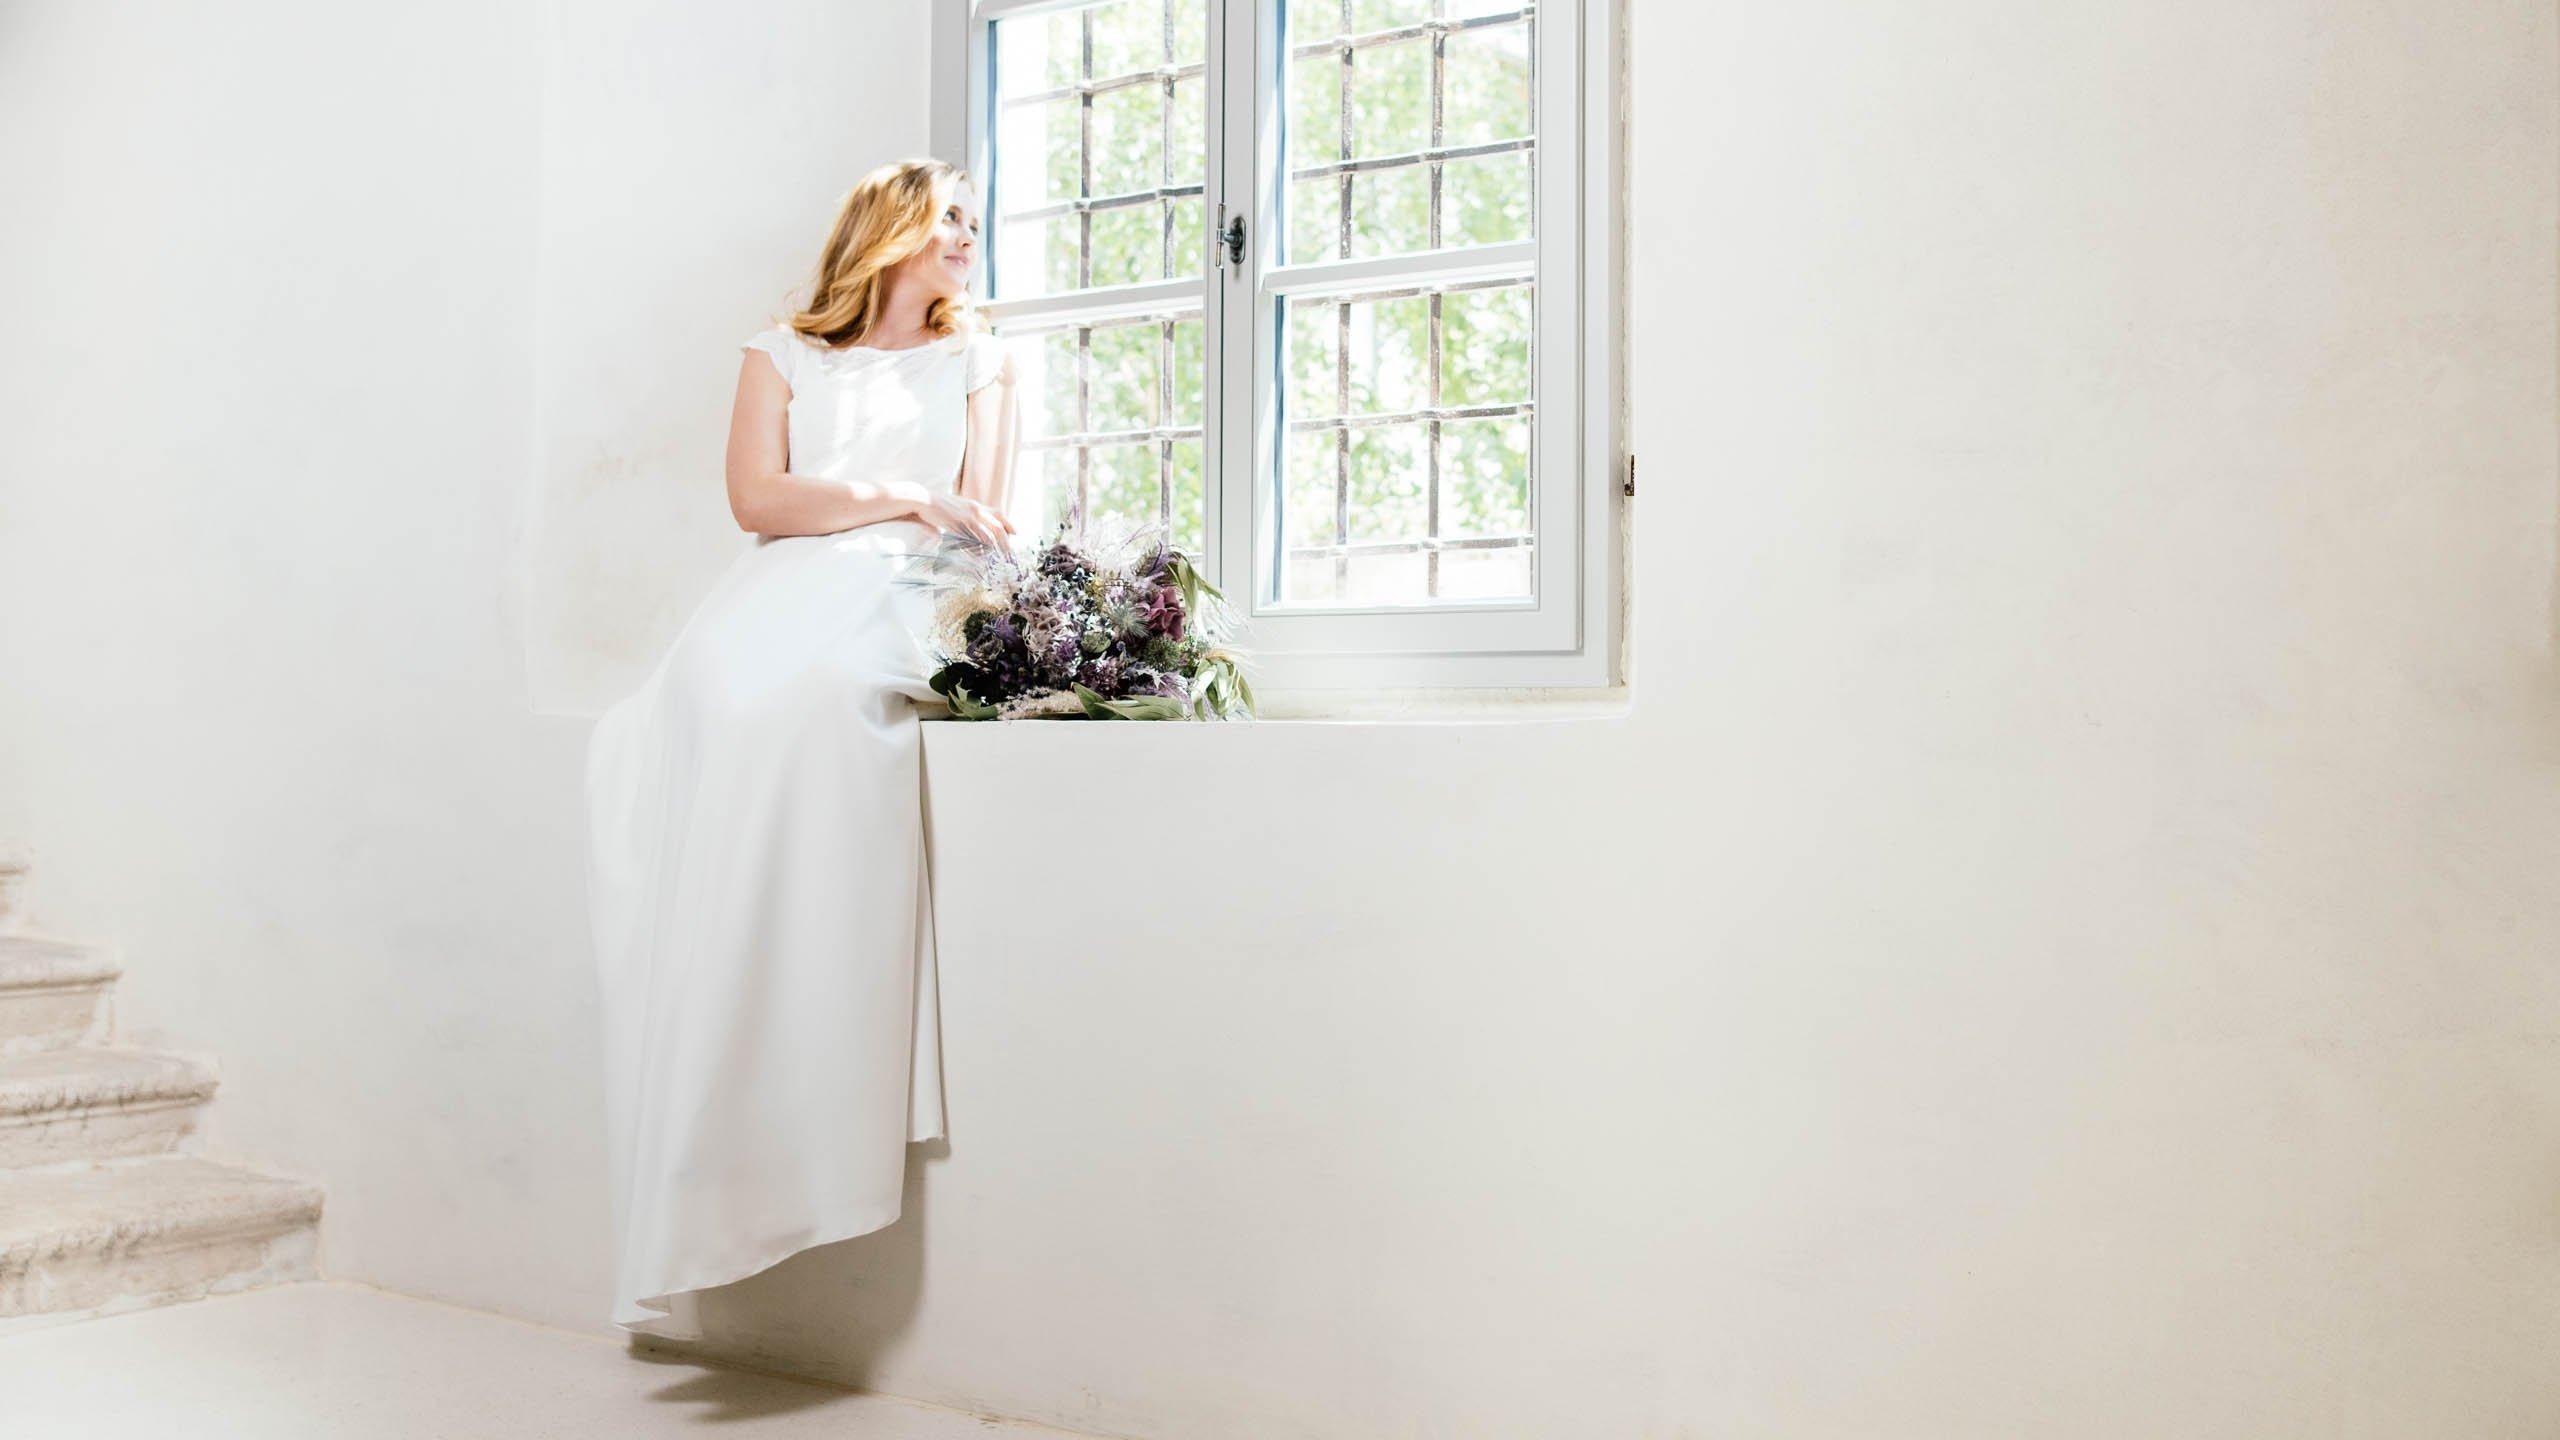 Braut im Eco Brautkleid schaut aus dem Fenster, neben ihr liegt ein Trockenblumen-Brautstrauß der Fensterbank